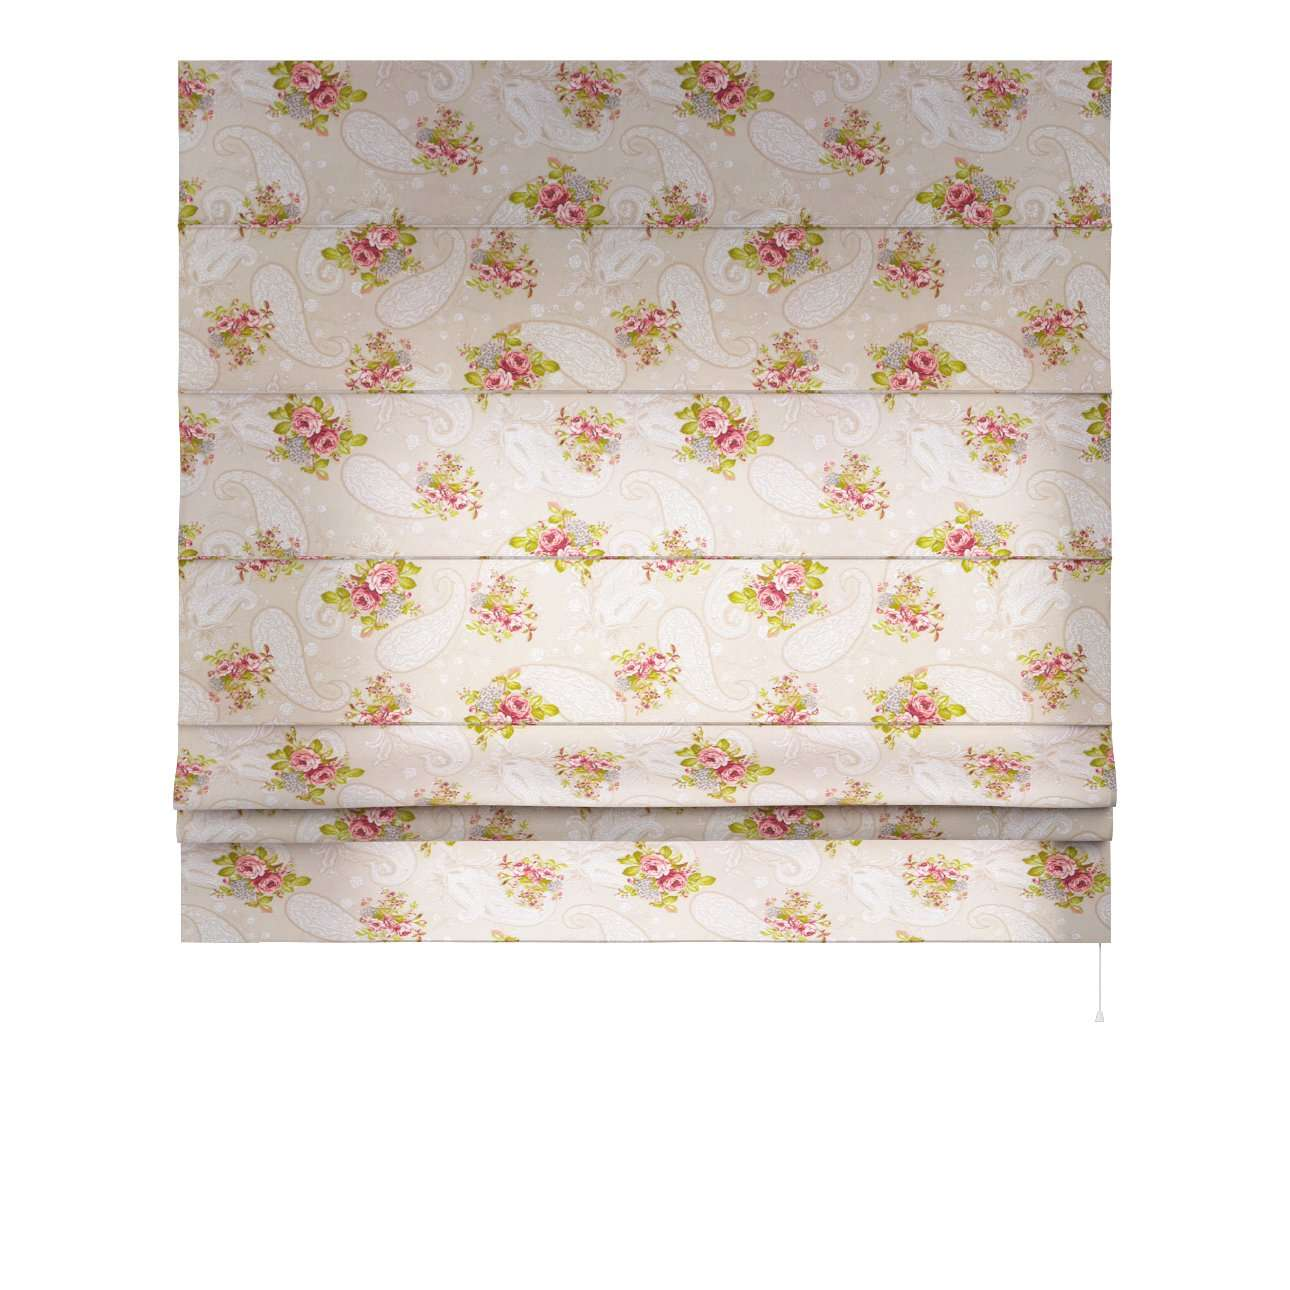 Vouwgordijn Padva 80 x 170 cm van de collectie Flowers, Stof: 311-15